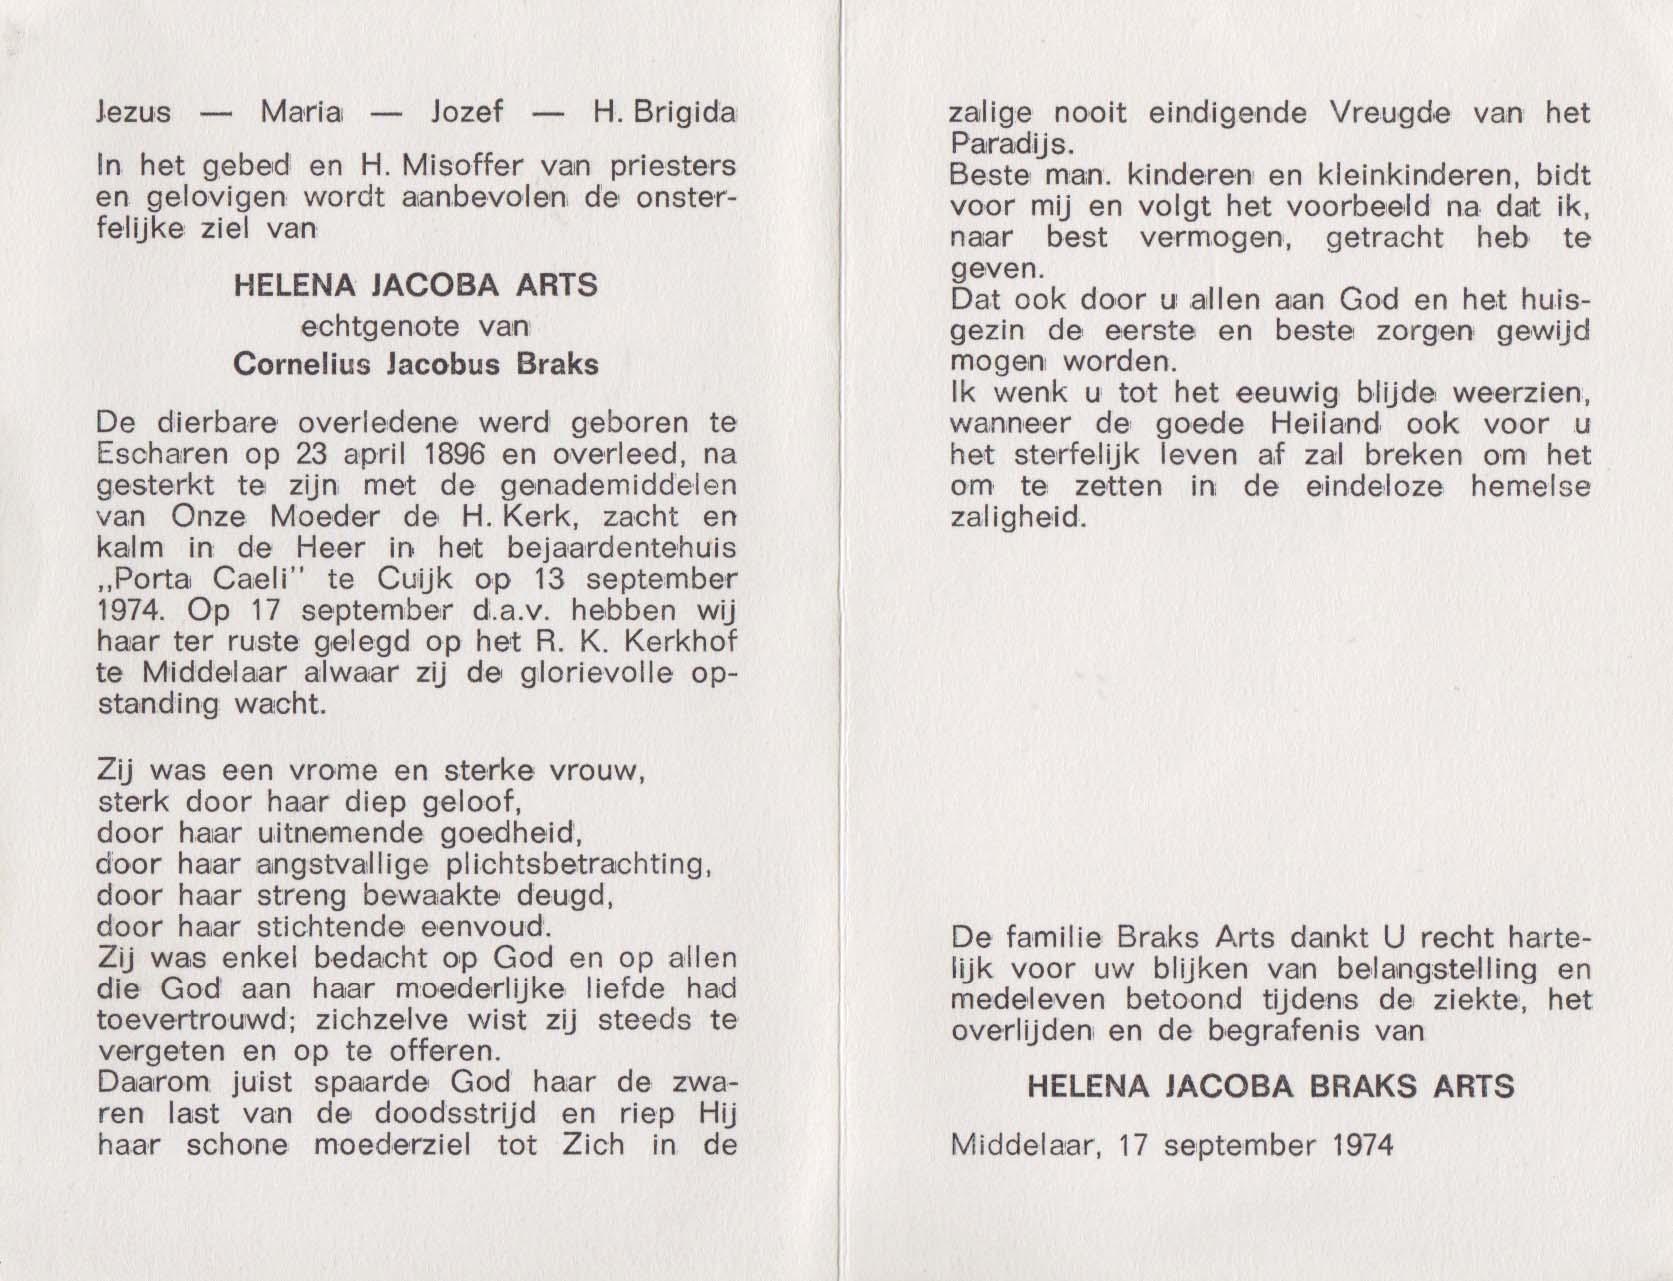 Bidprentje Helena Jacoba Arts